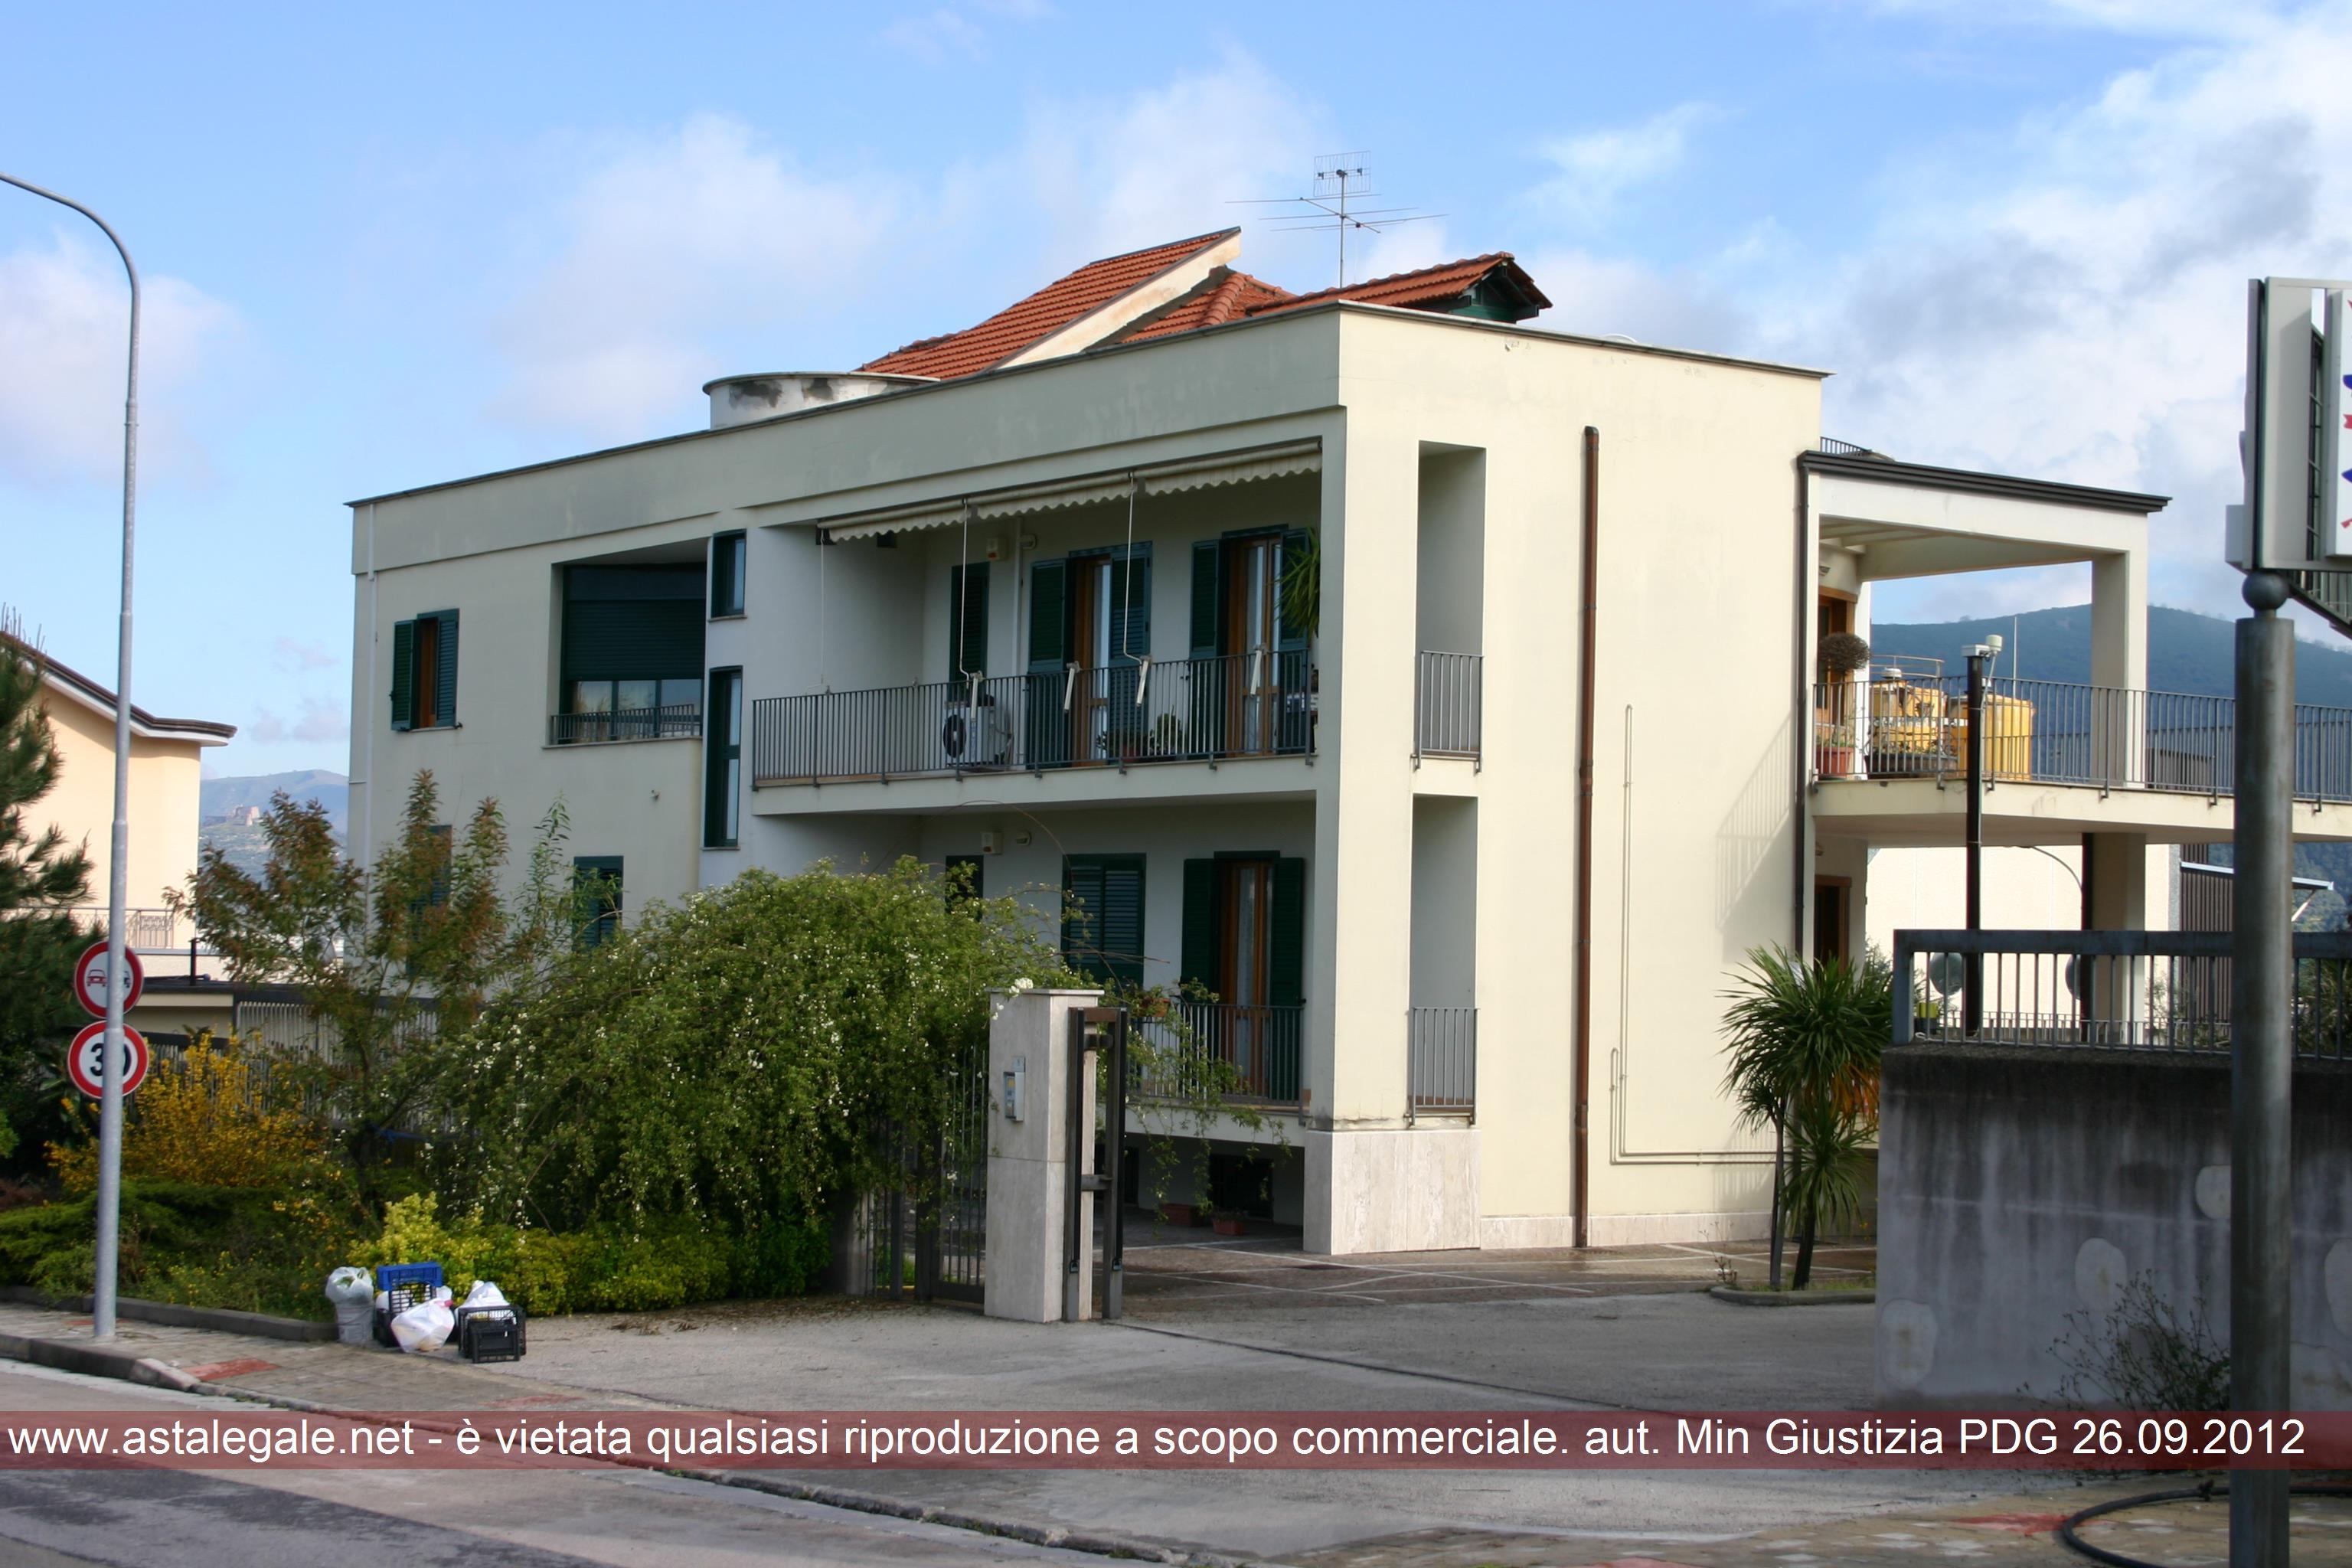 Domicella (AV) Zona Industriale - Lotto n. 2